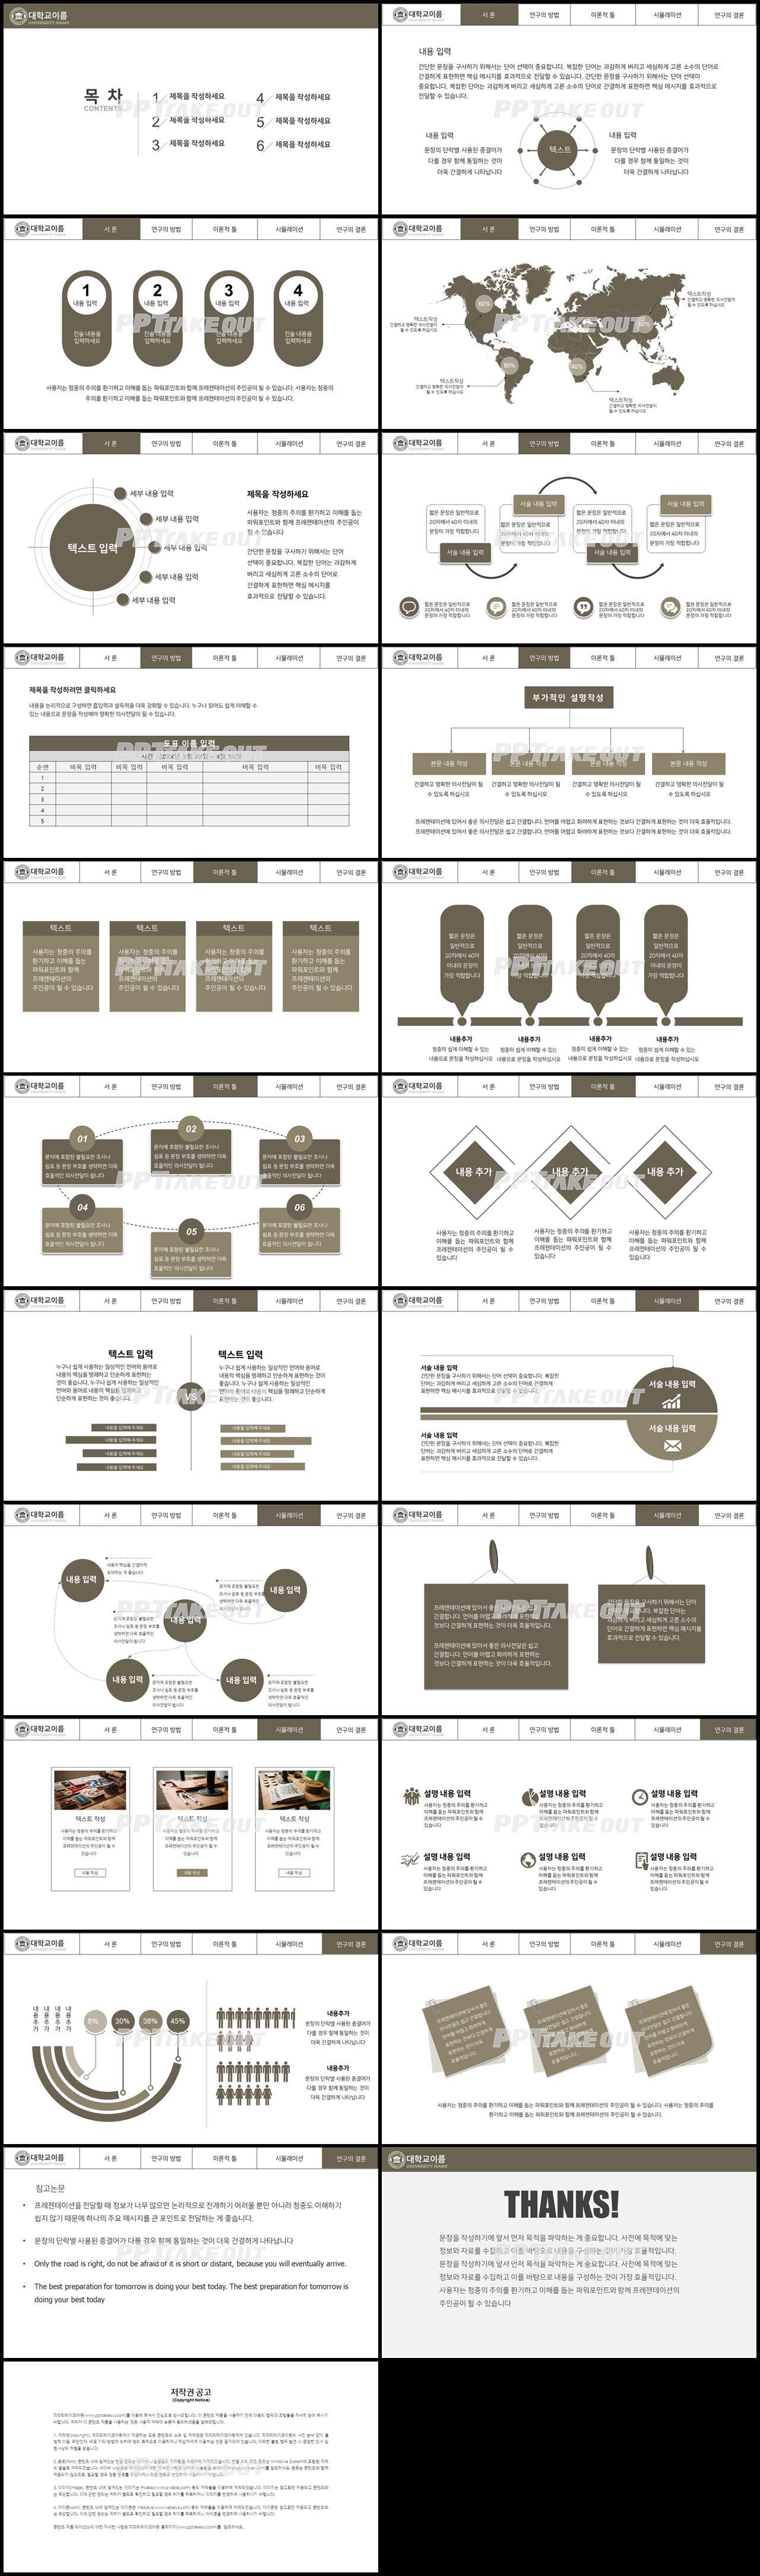 학위논문 갈색 단출한 다양한 주제에 어울리는 피피티템플릿 디자인 상세보기